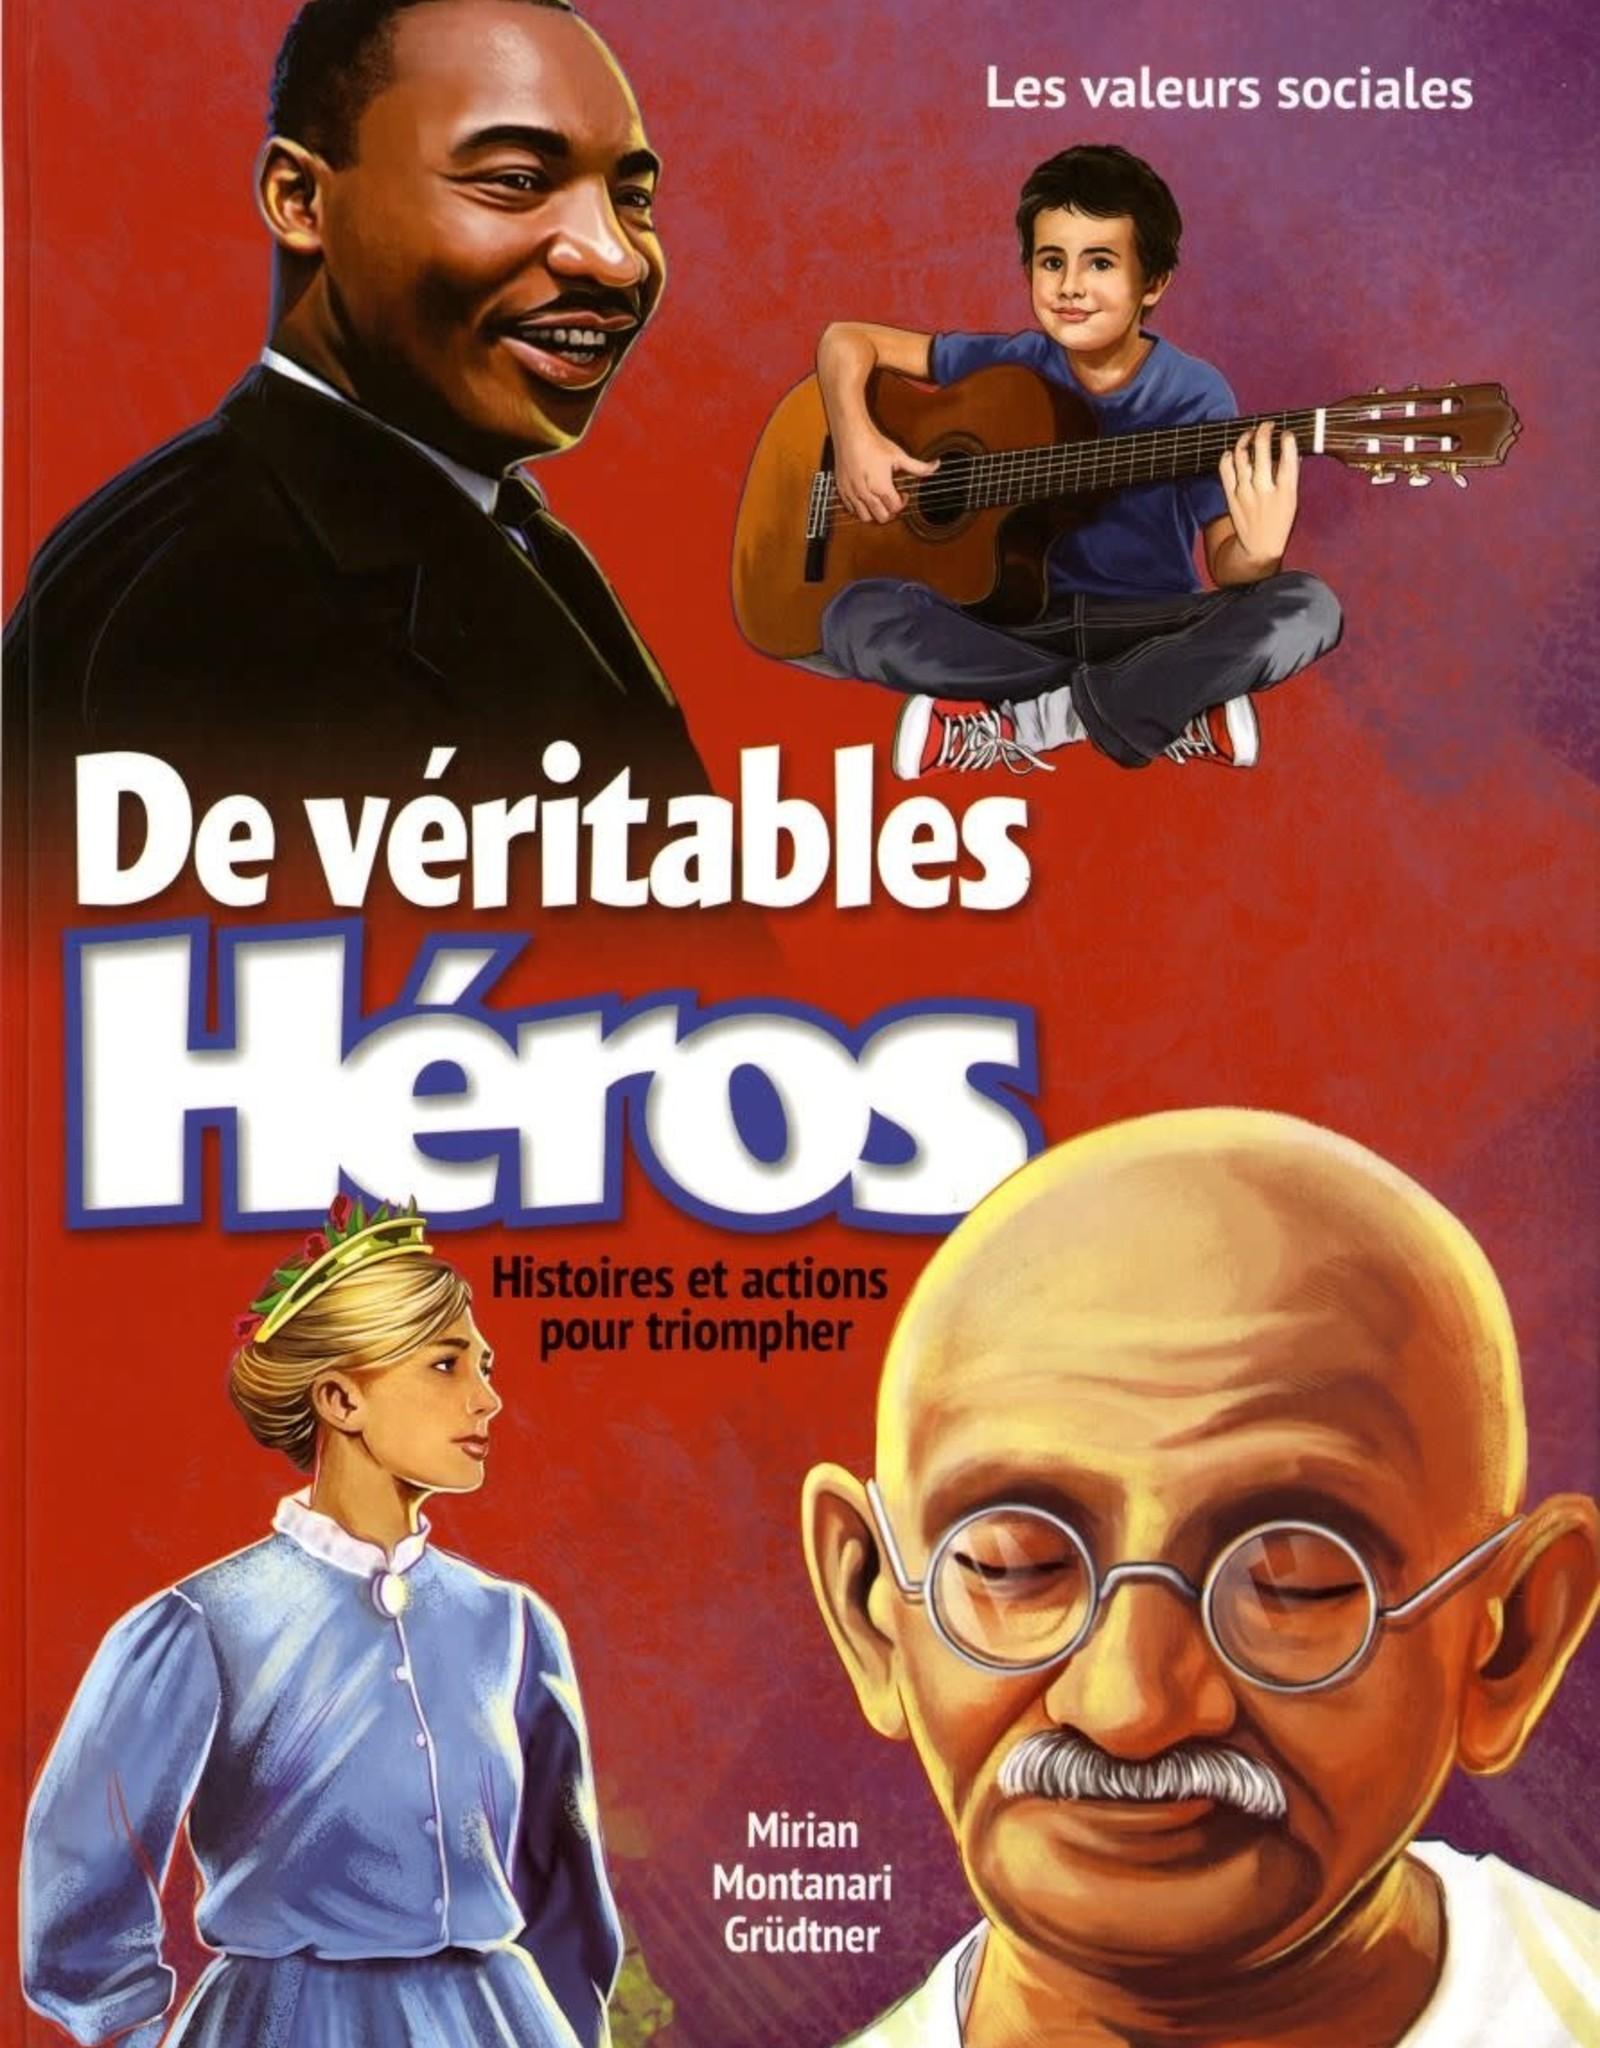 Pacific Press De véritables héros - Histoires et actions pour triompher -3 volumes